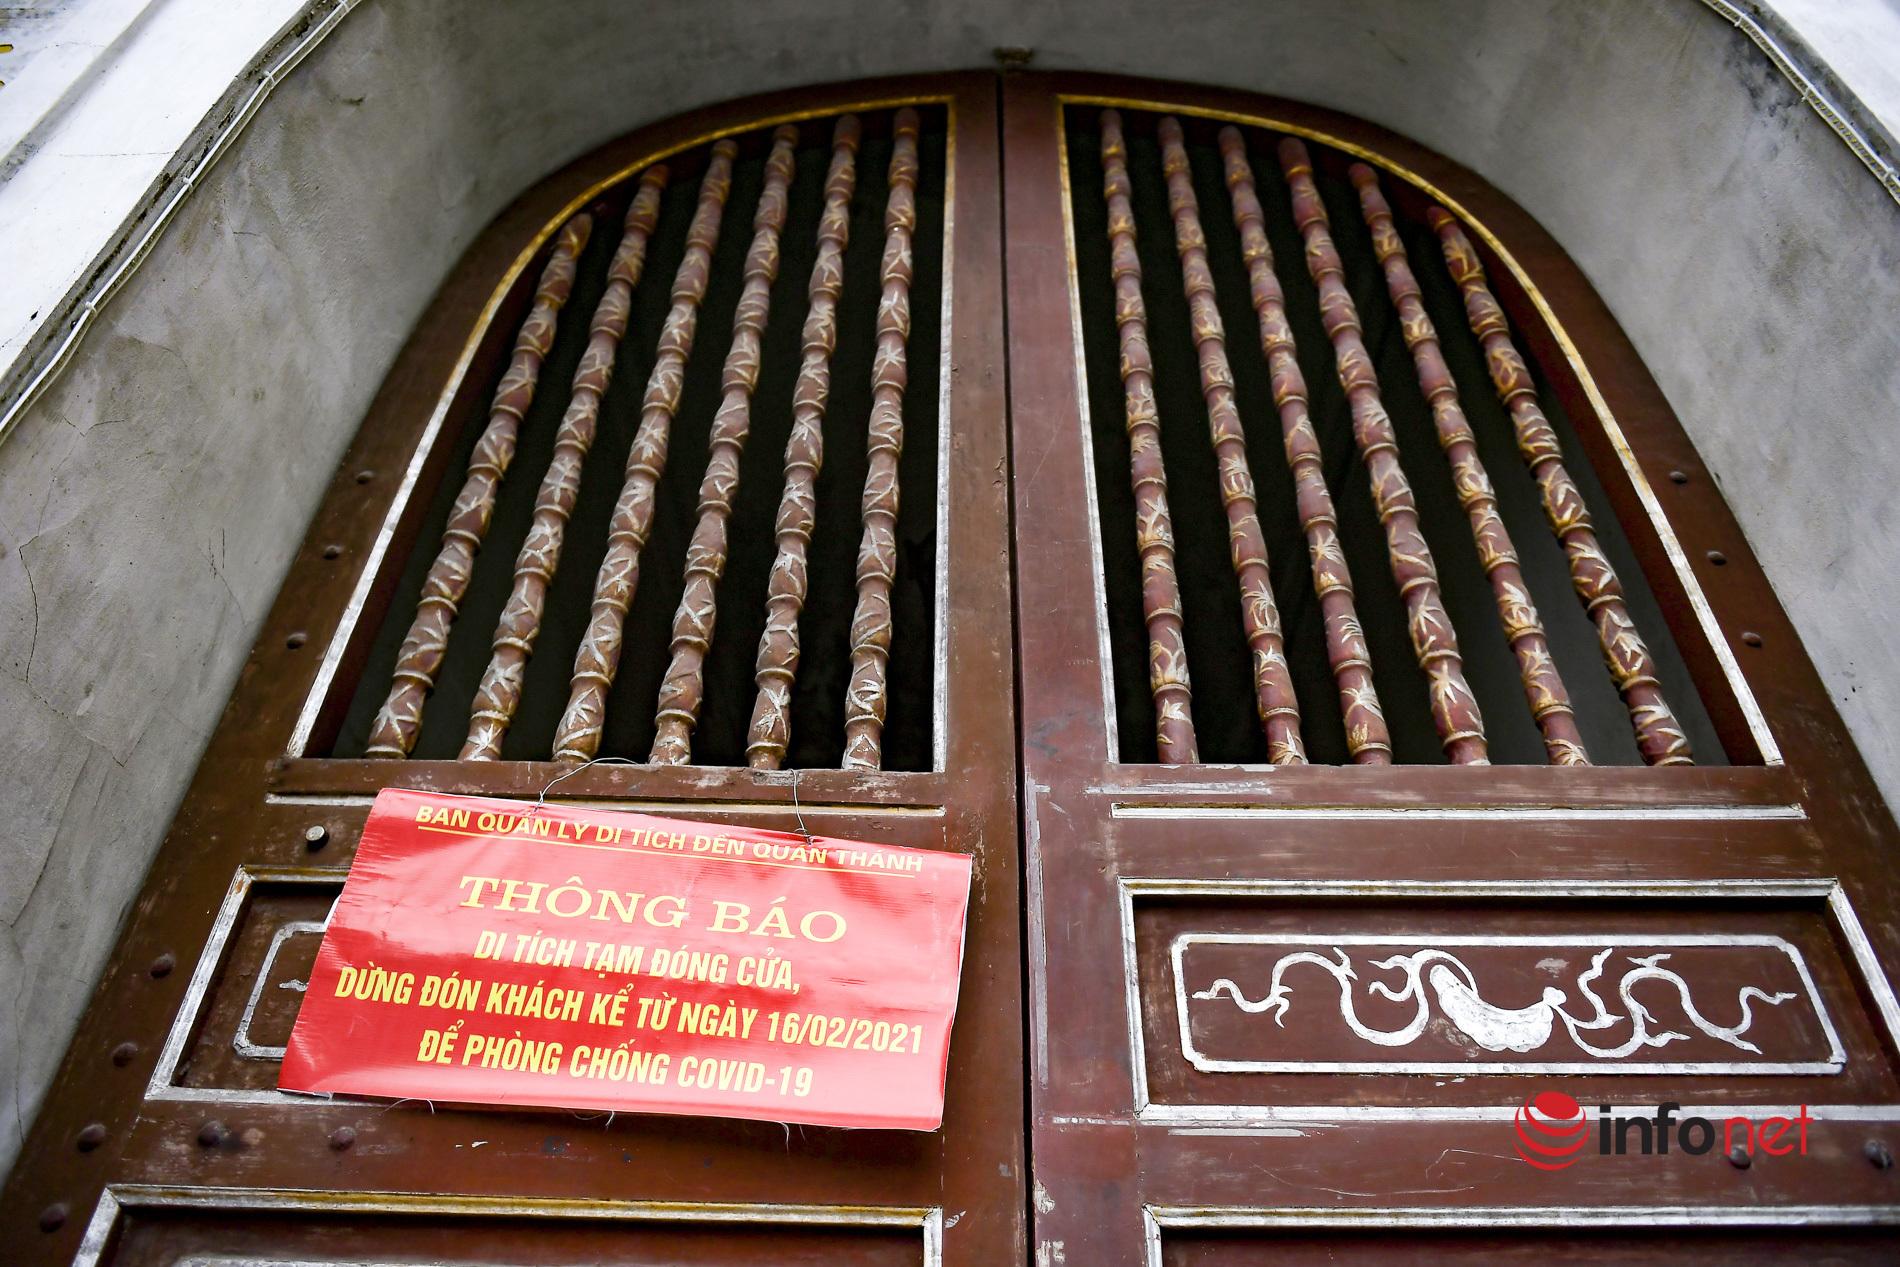 Được mở cửa đón khách, nhiều di tích ở Hà Nội vẫn rất vắng vẻ